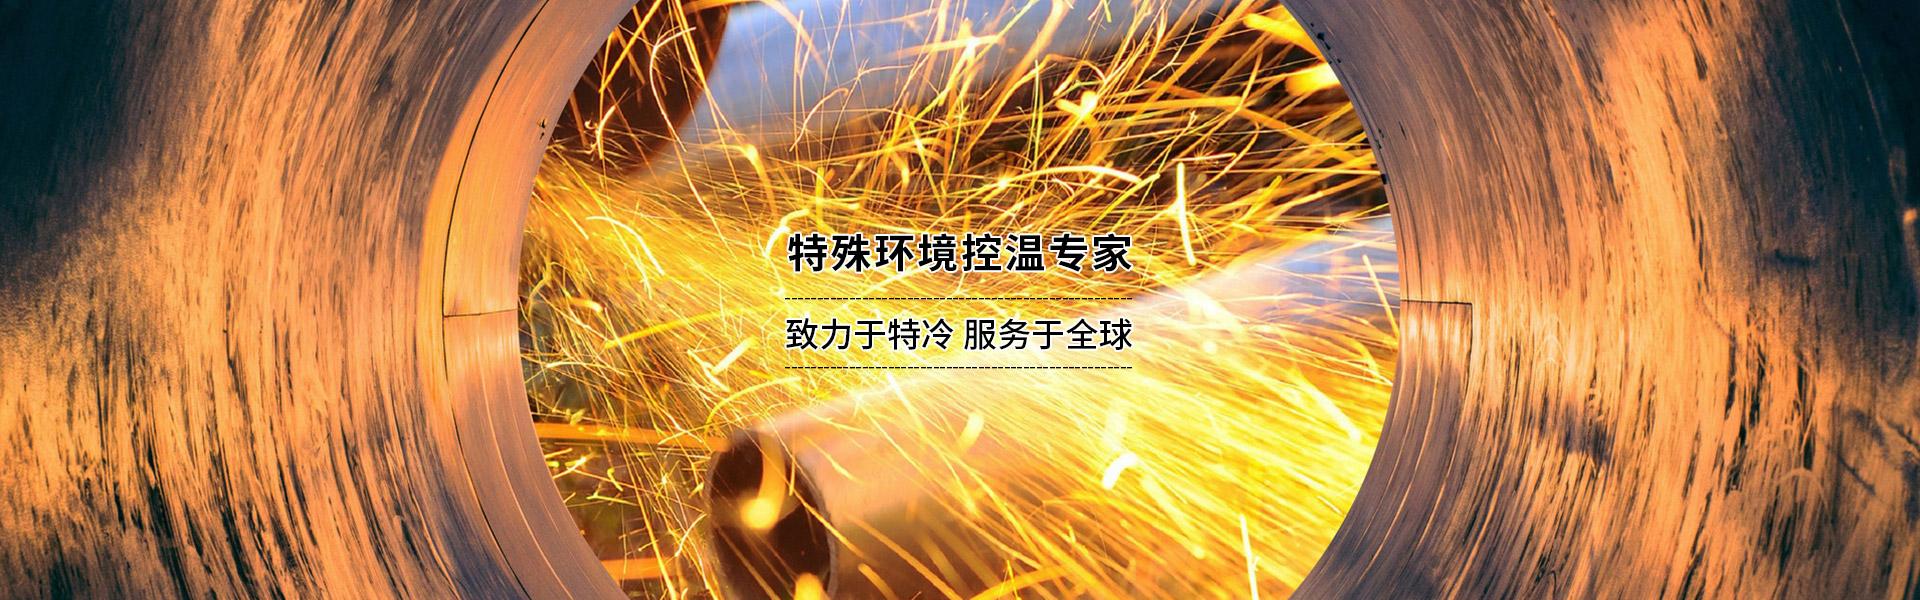 上海盖鼎精密制冷设备有限公司